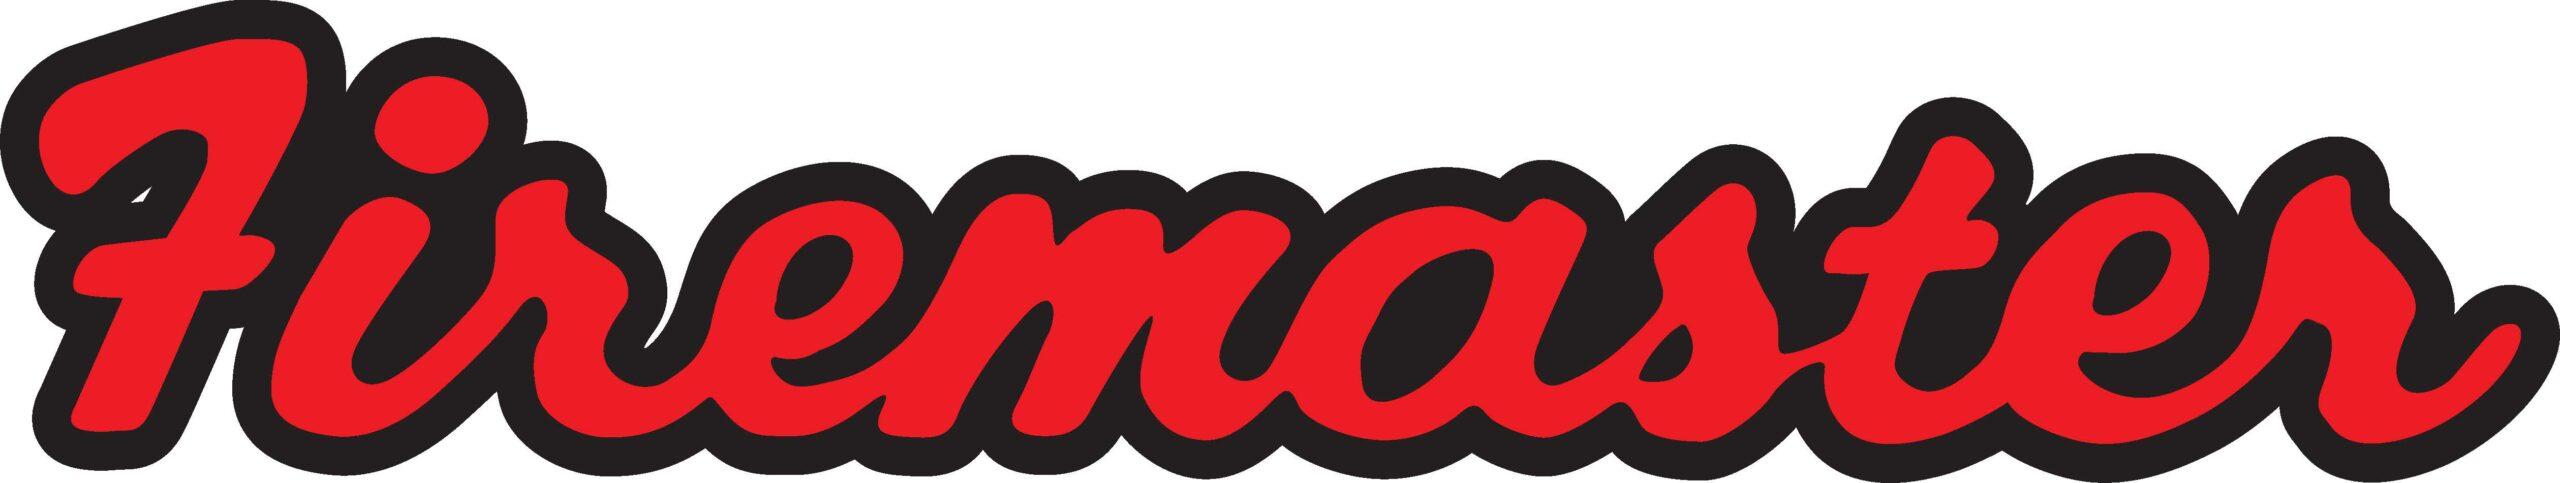 Firemaster Logo